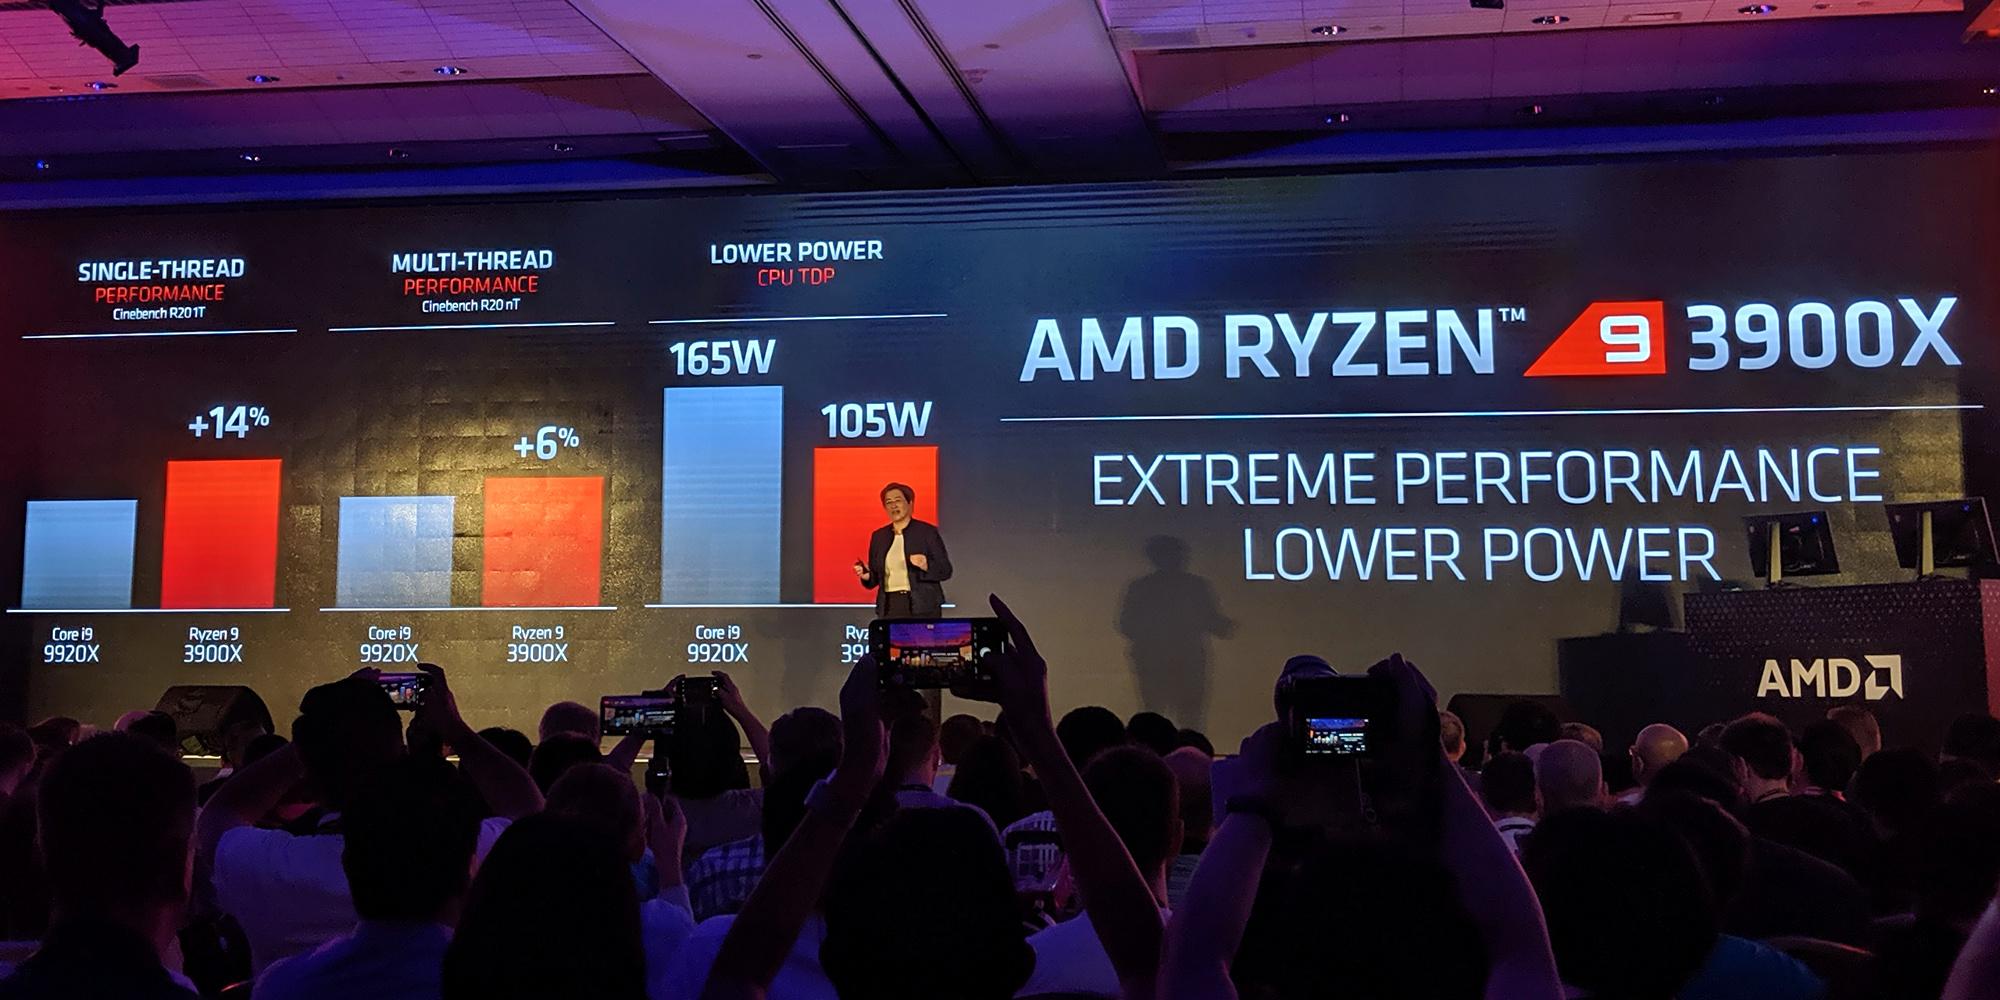 Matisse: AMDs 12-kerniger Ryzen 9 kostet 500 US-Dollar - Lisa Su stellt Matisse alias Ryzen 3000 vor. (Bild: Marc Sauter/Golem.de)